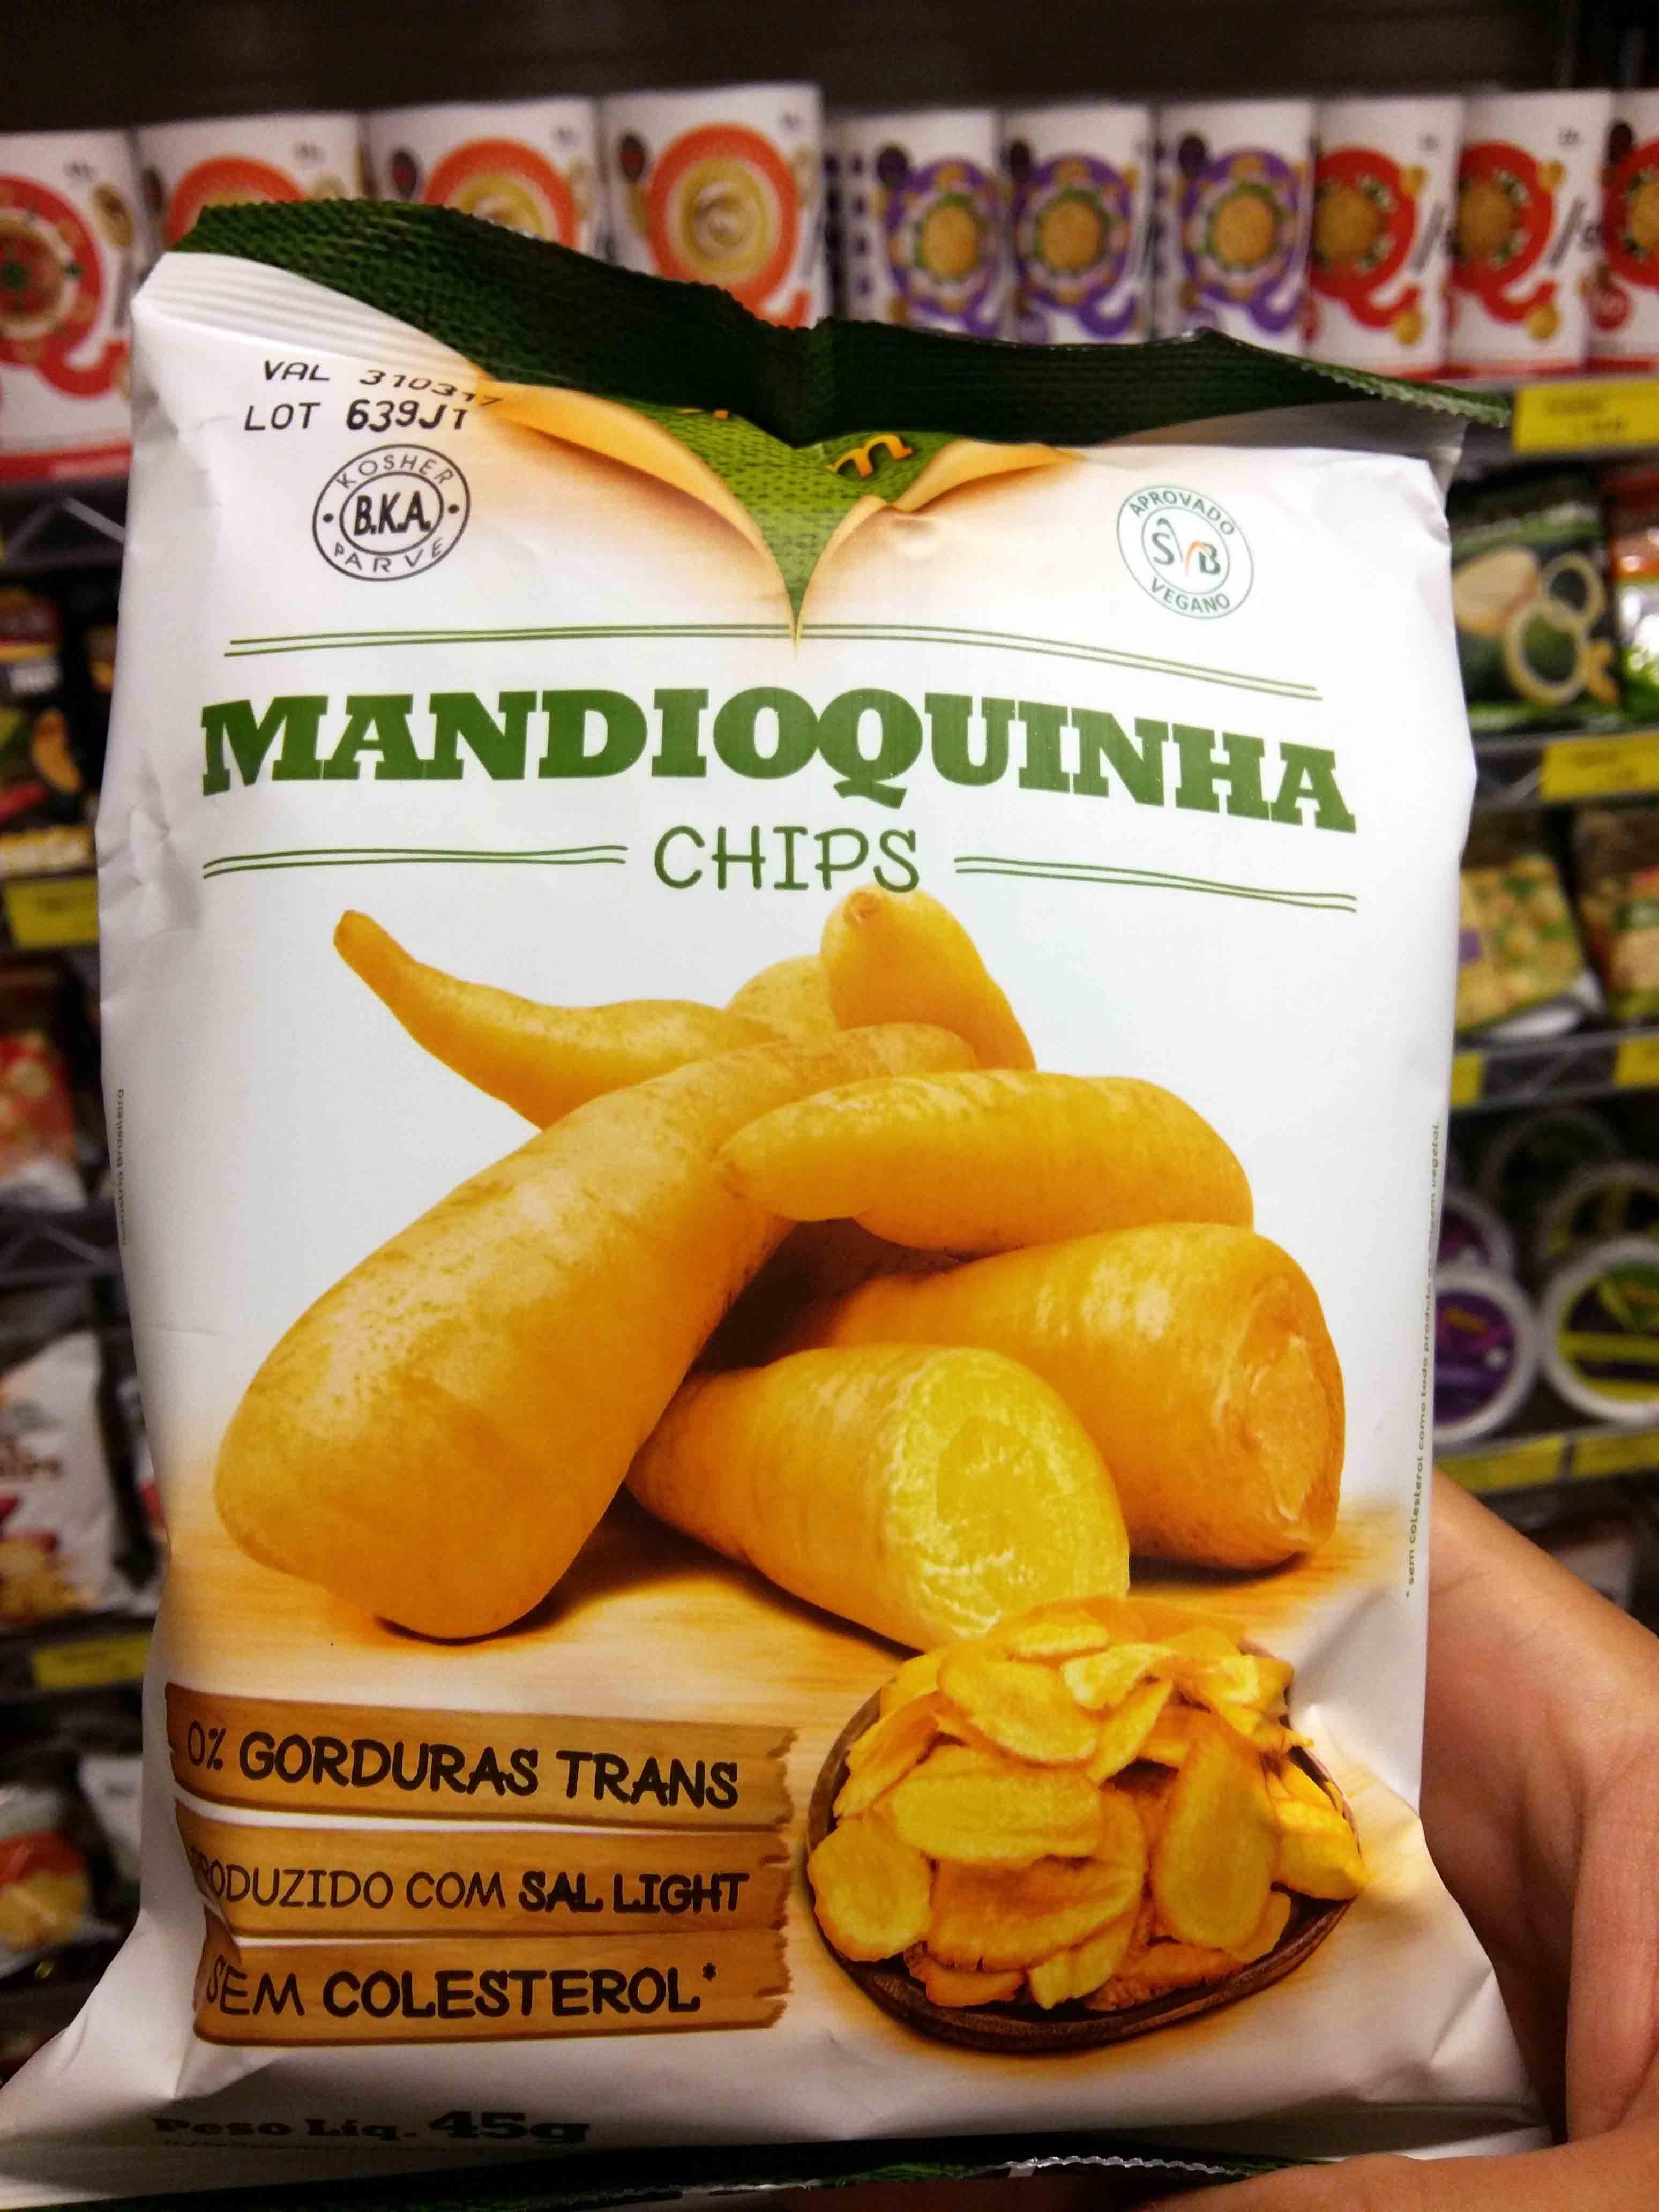 Eleve - Mandioquinha chips